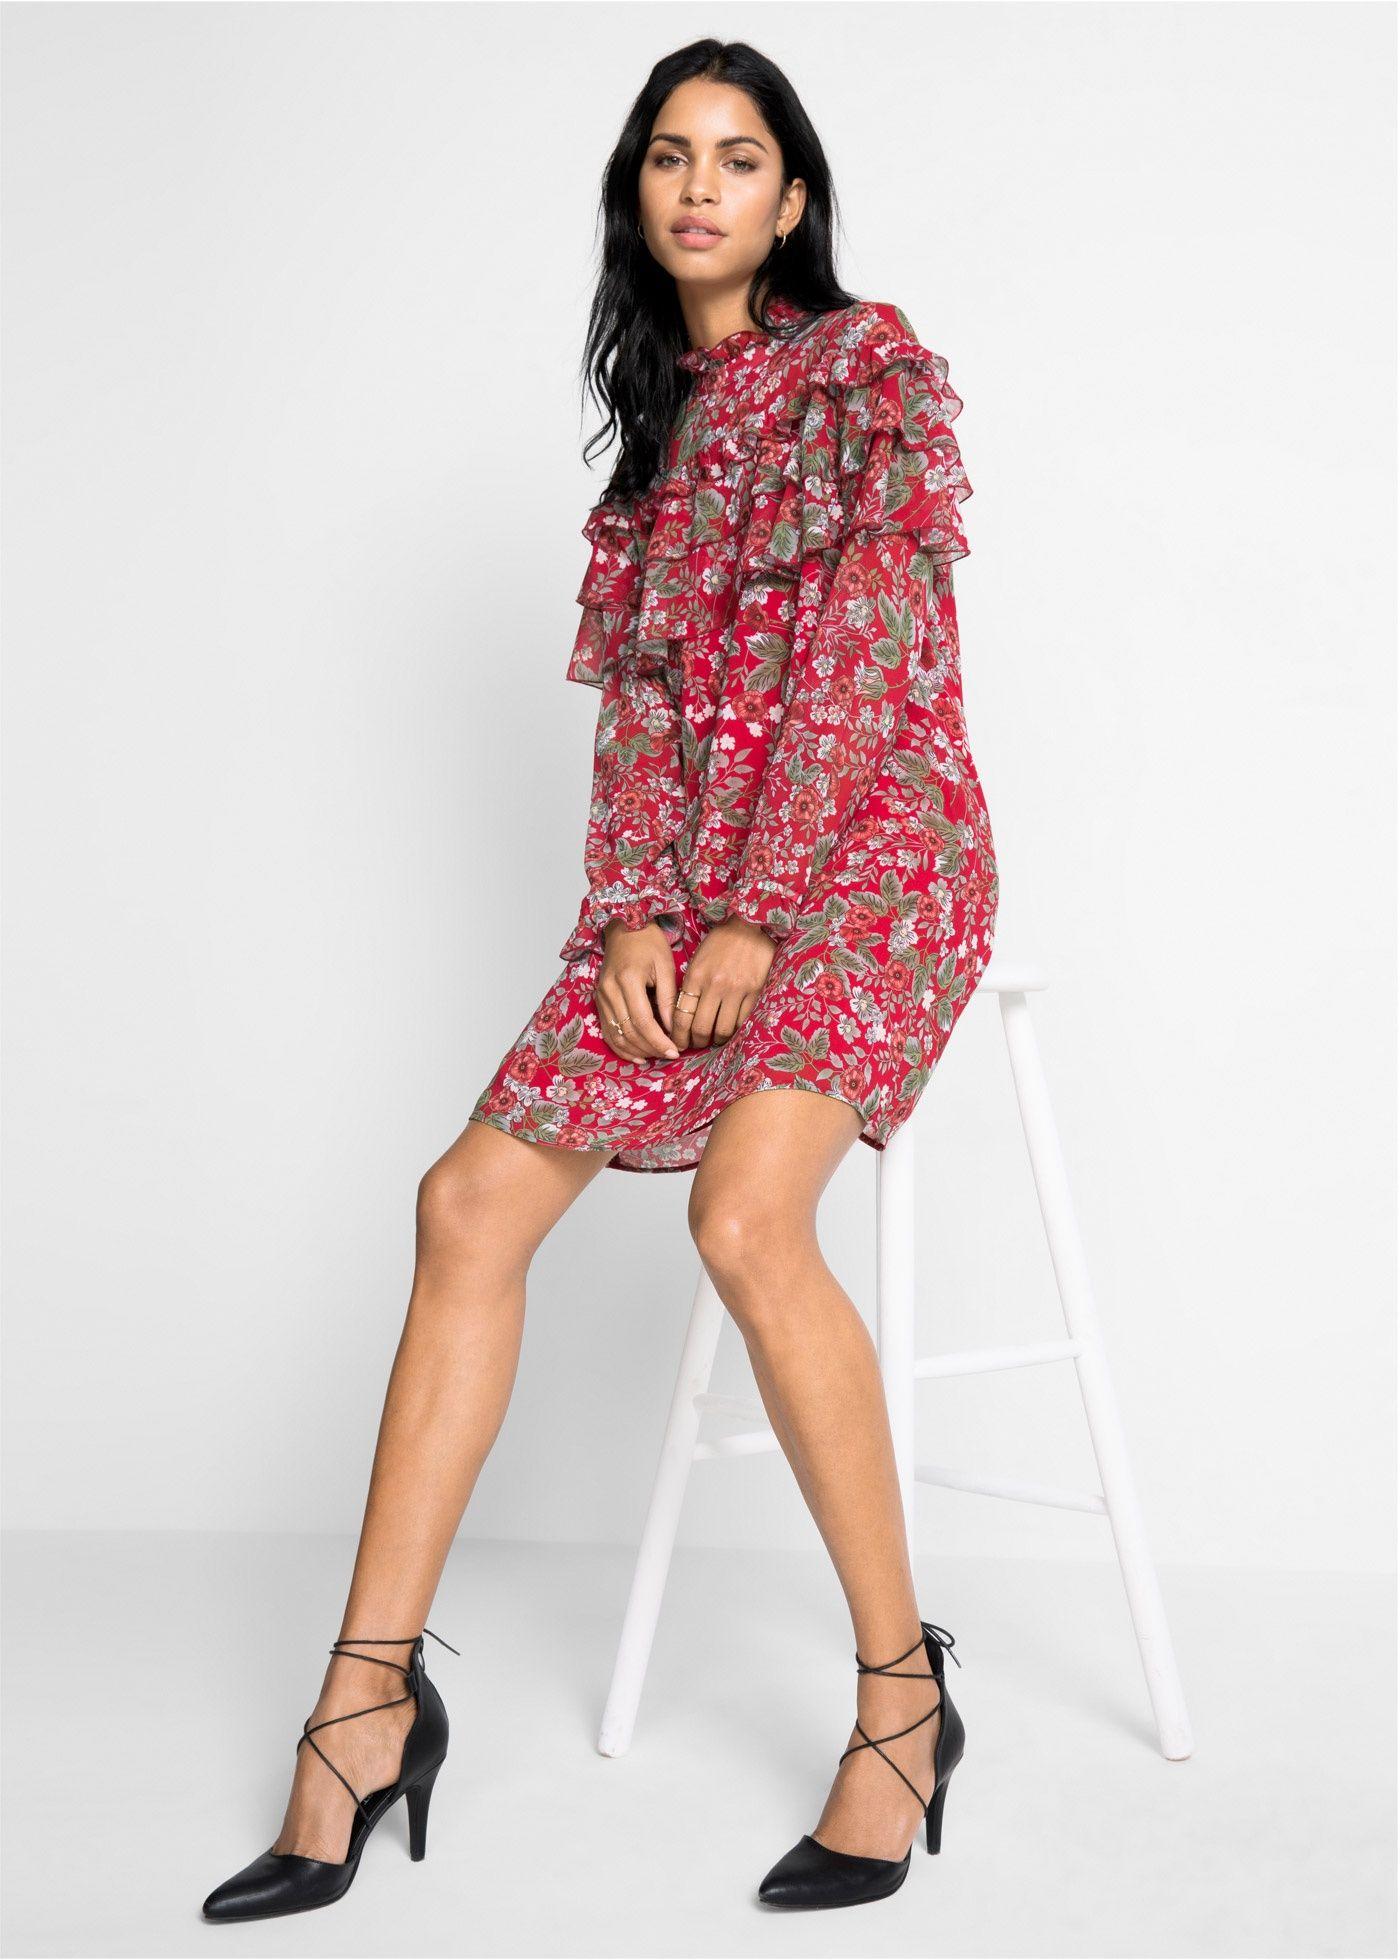 viele möglichkeiten Schnäppchen 2017 super günstig im vergleich zu Chiffon-Kleid rot geblümt jetzt im Online Shop von bonprix ...